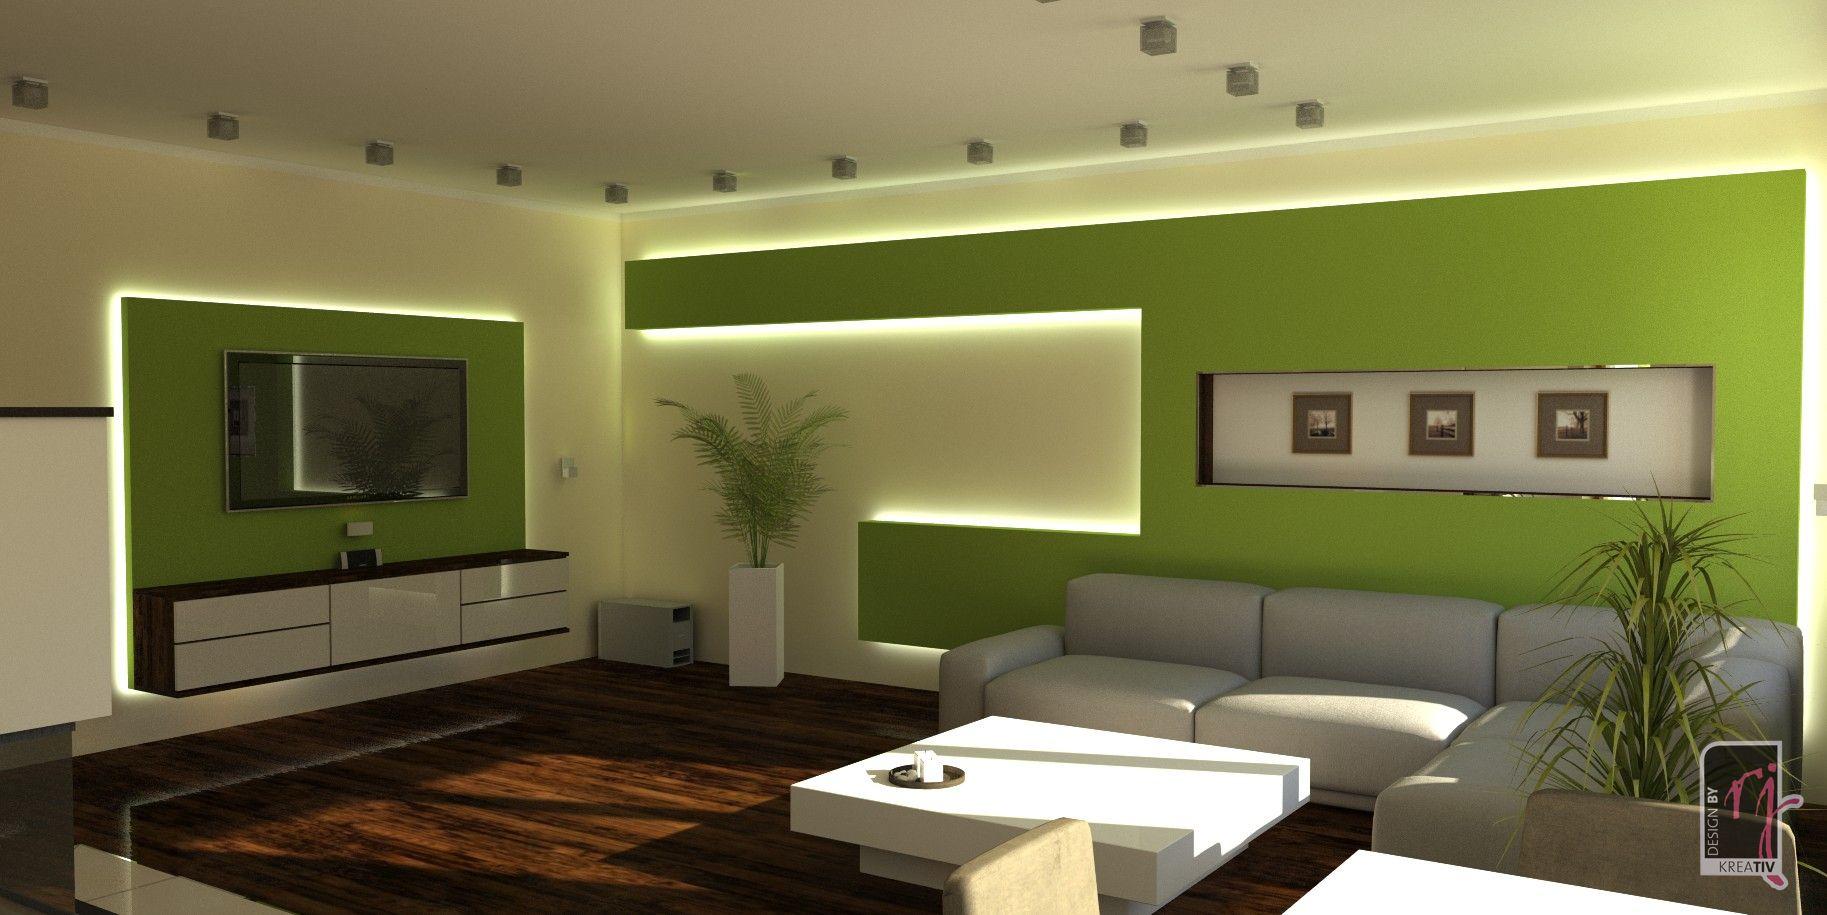 ikea malm jugendzimmer bilder. Black Bedroom Furniture Sets. Home Design Ideas